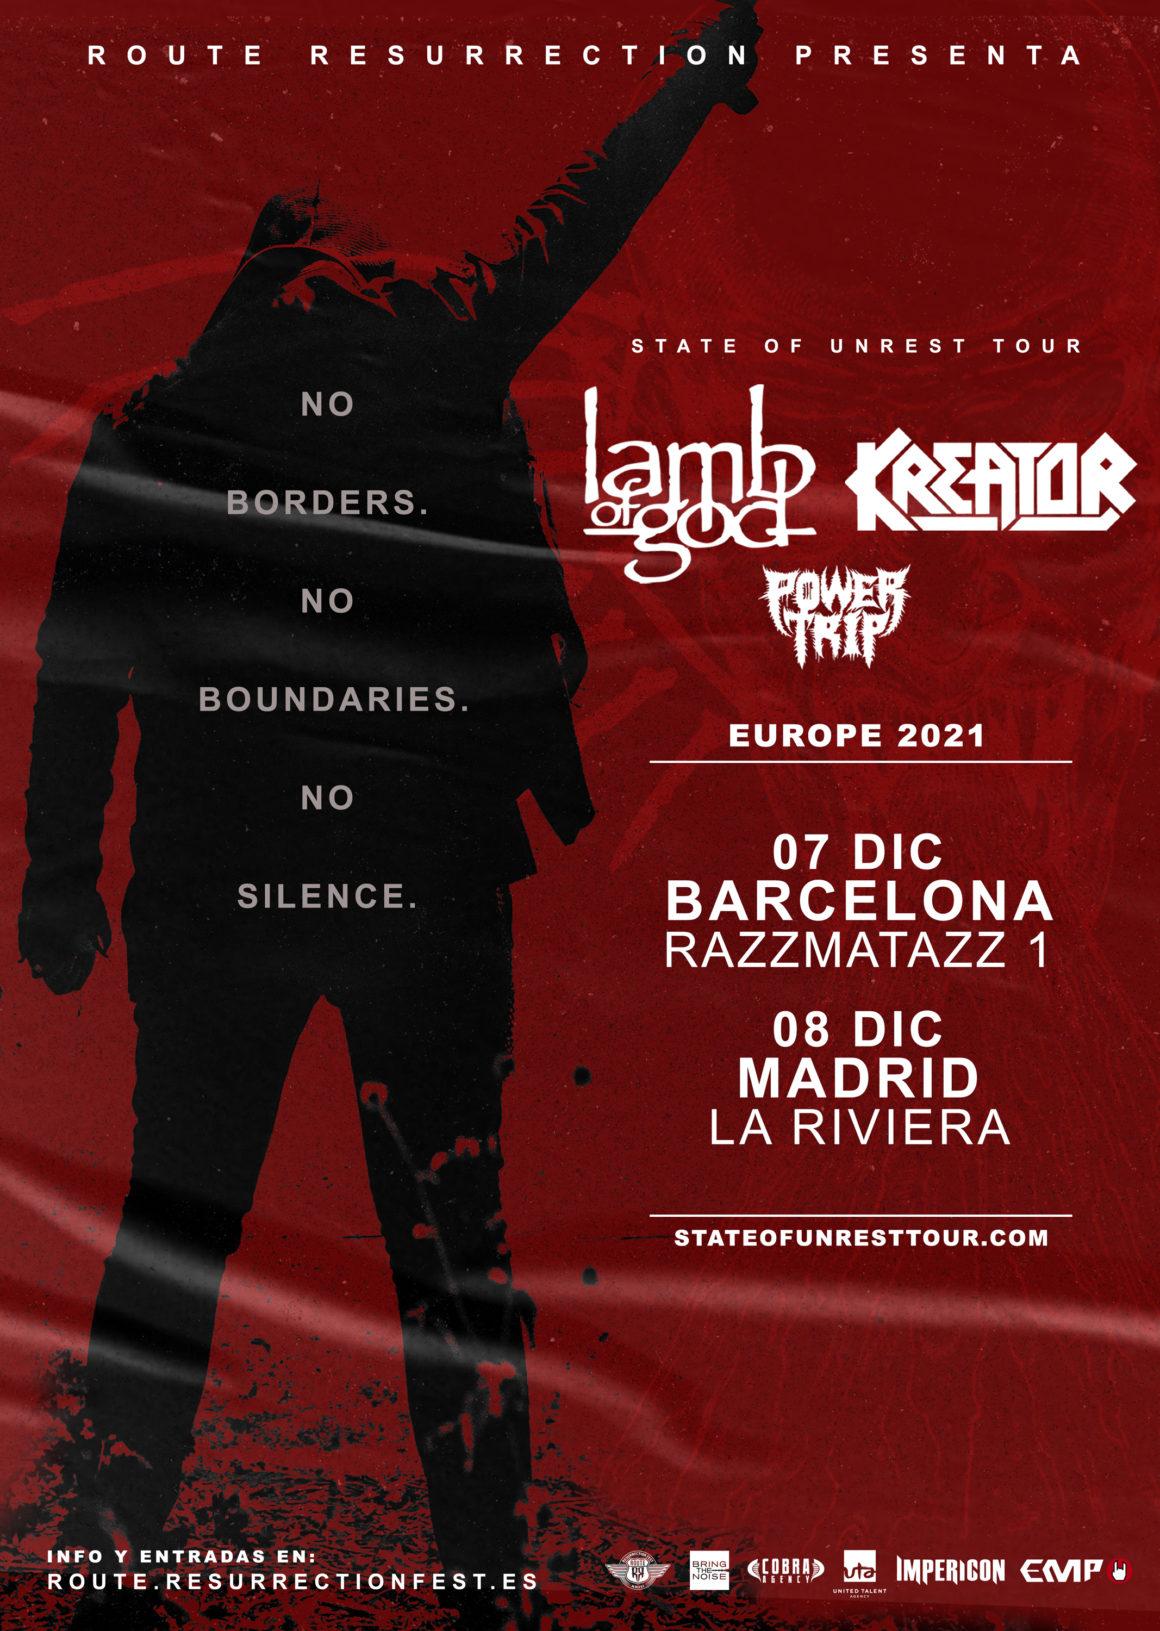 Anunciadas las nuevas fechas de la gira de Lamb of God y Kreator para 2021